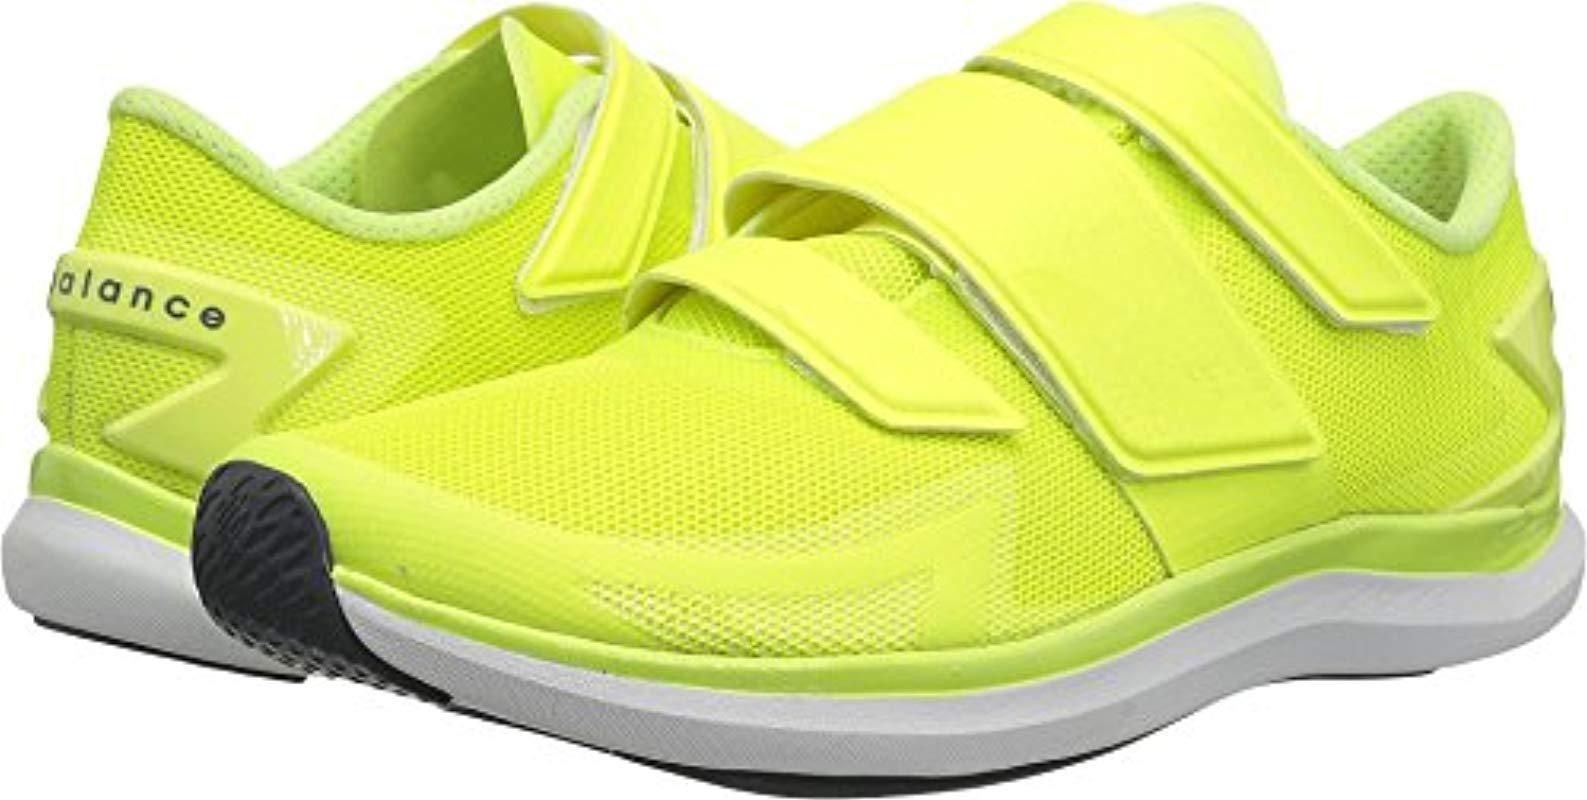 new balance women's 09v1 cycling shoe